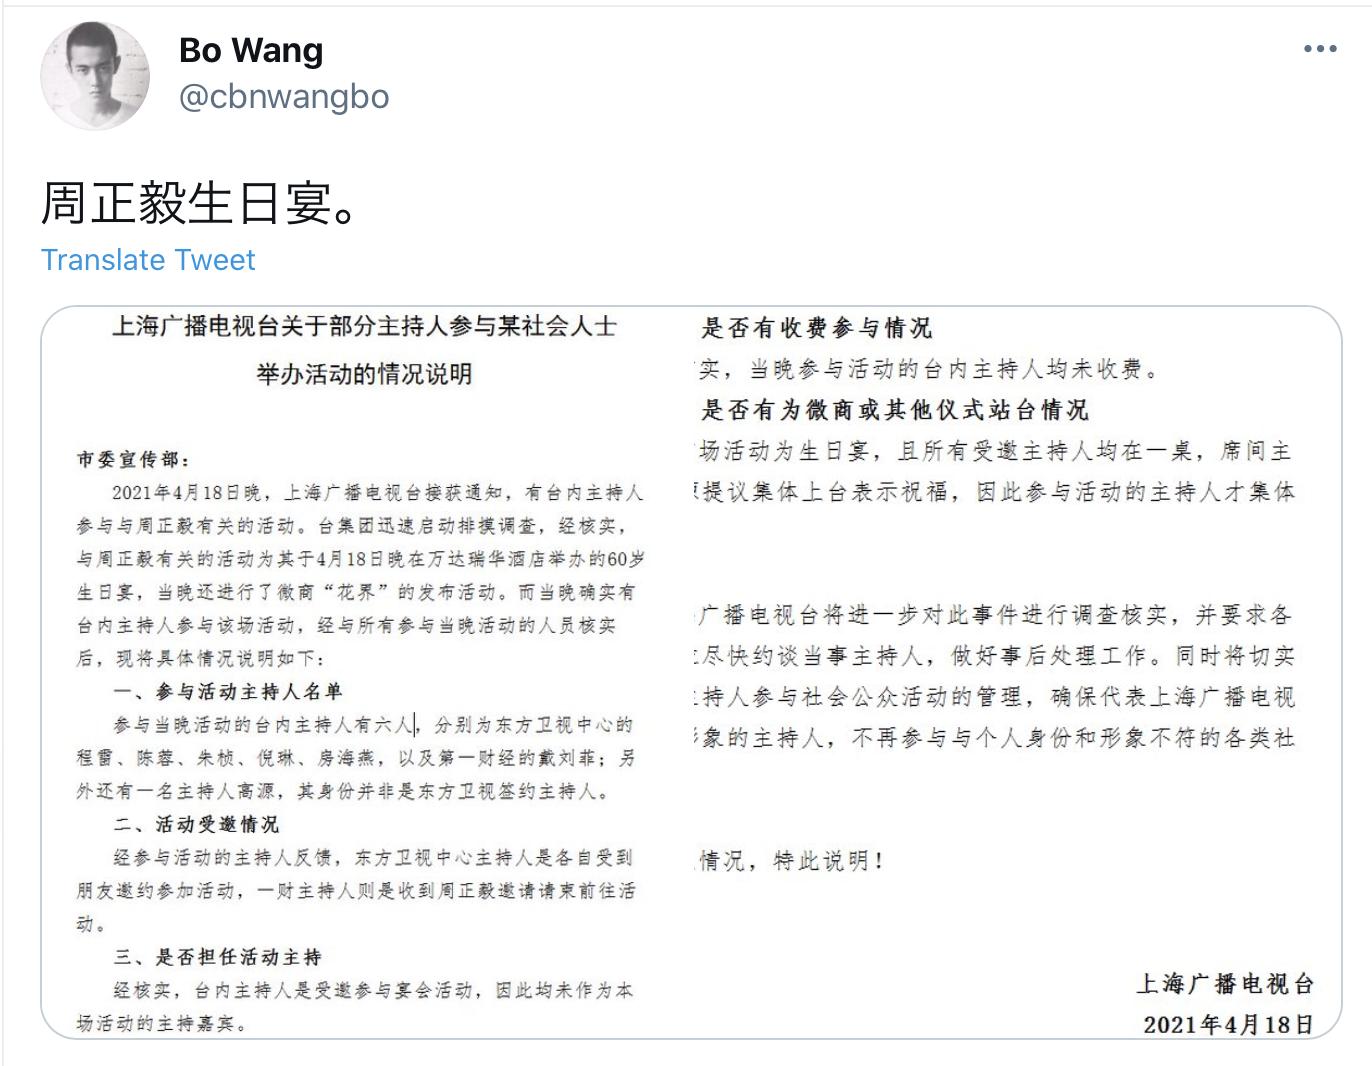 上海廣播電視台因多名主持人出席周正毅生日宴會,連夜向市宣傳部寫說明。(網絡截圖)